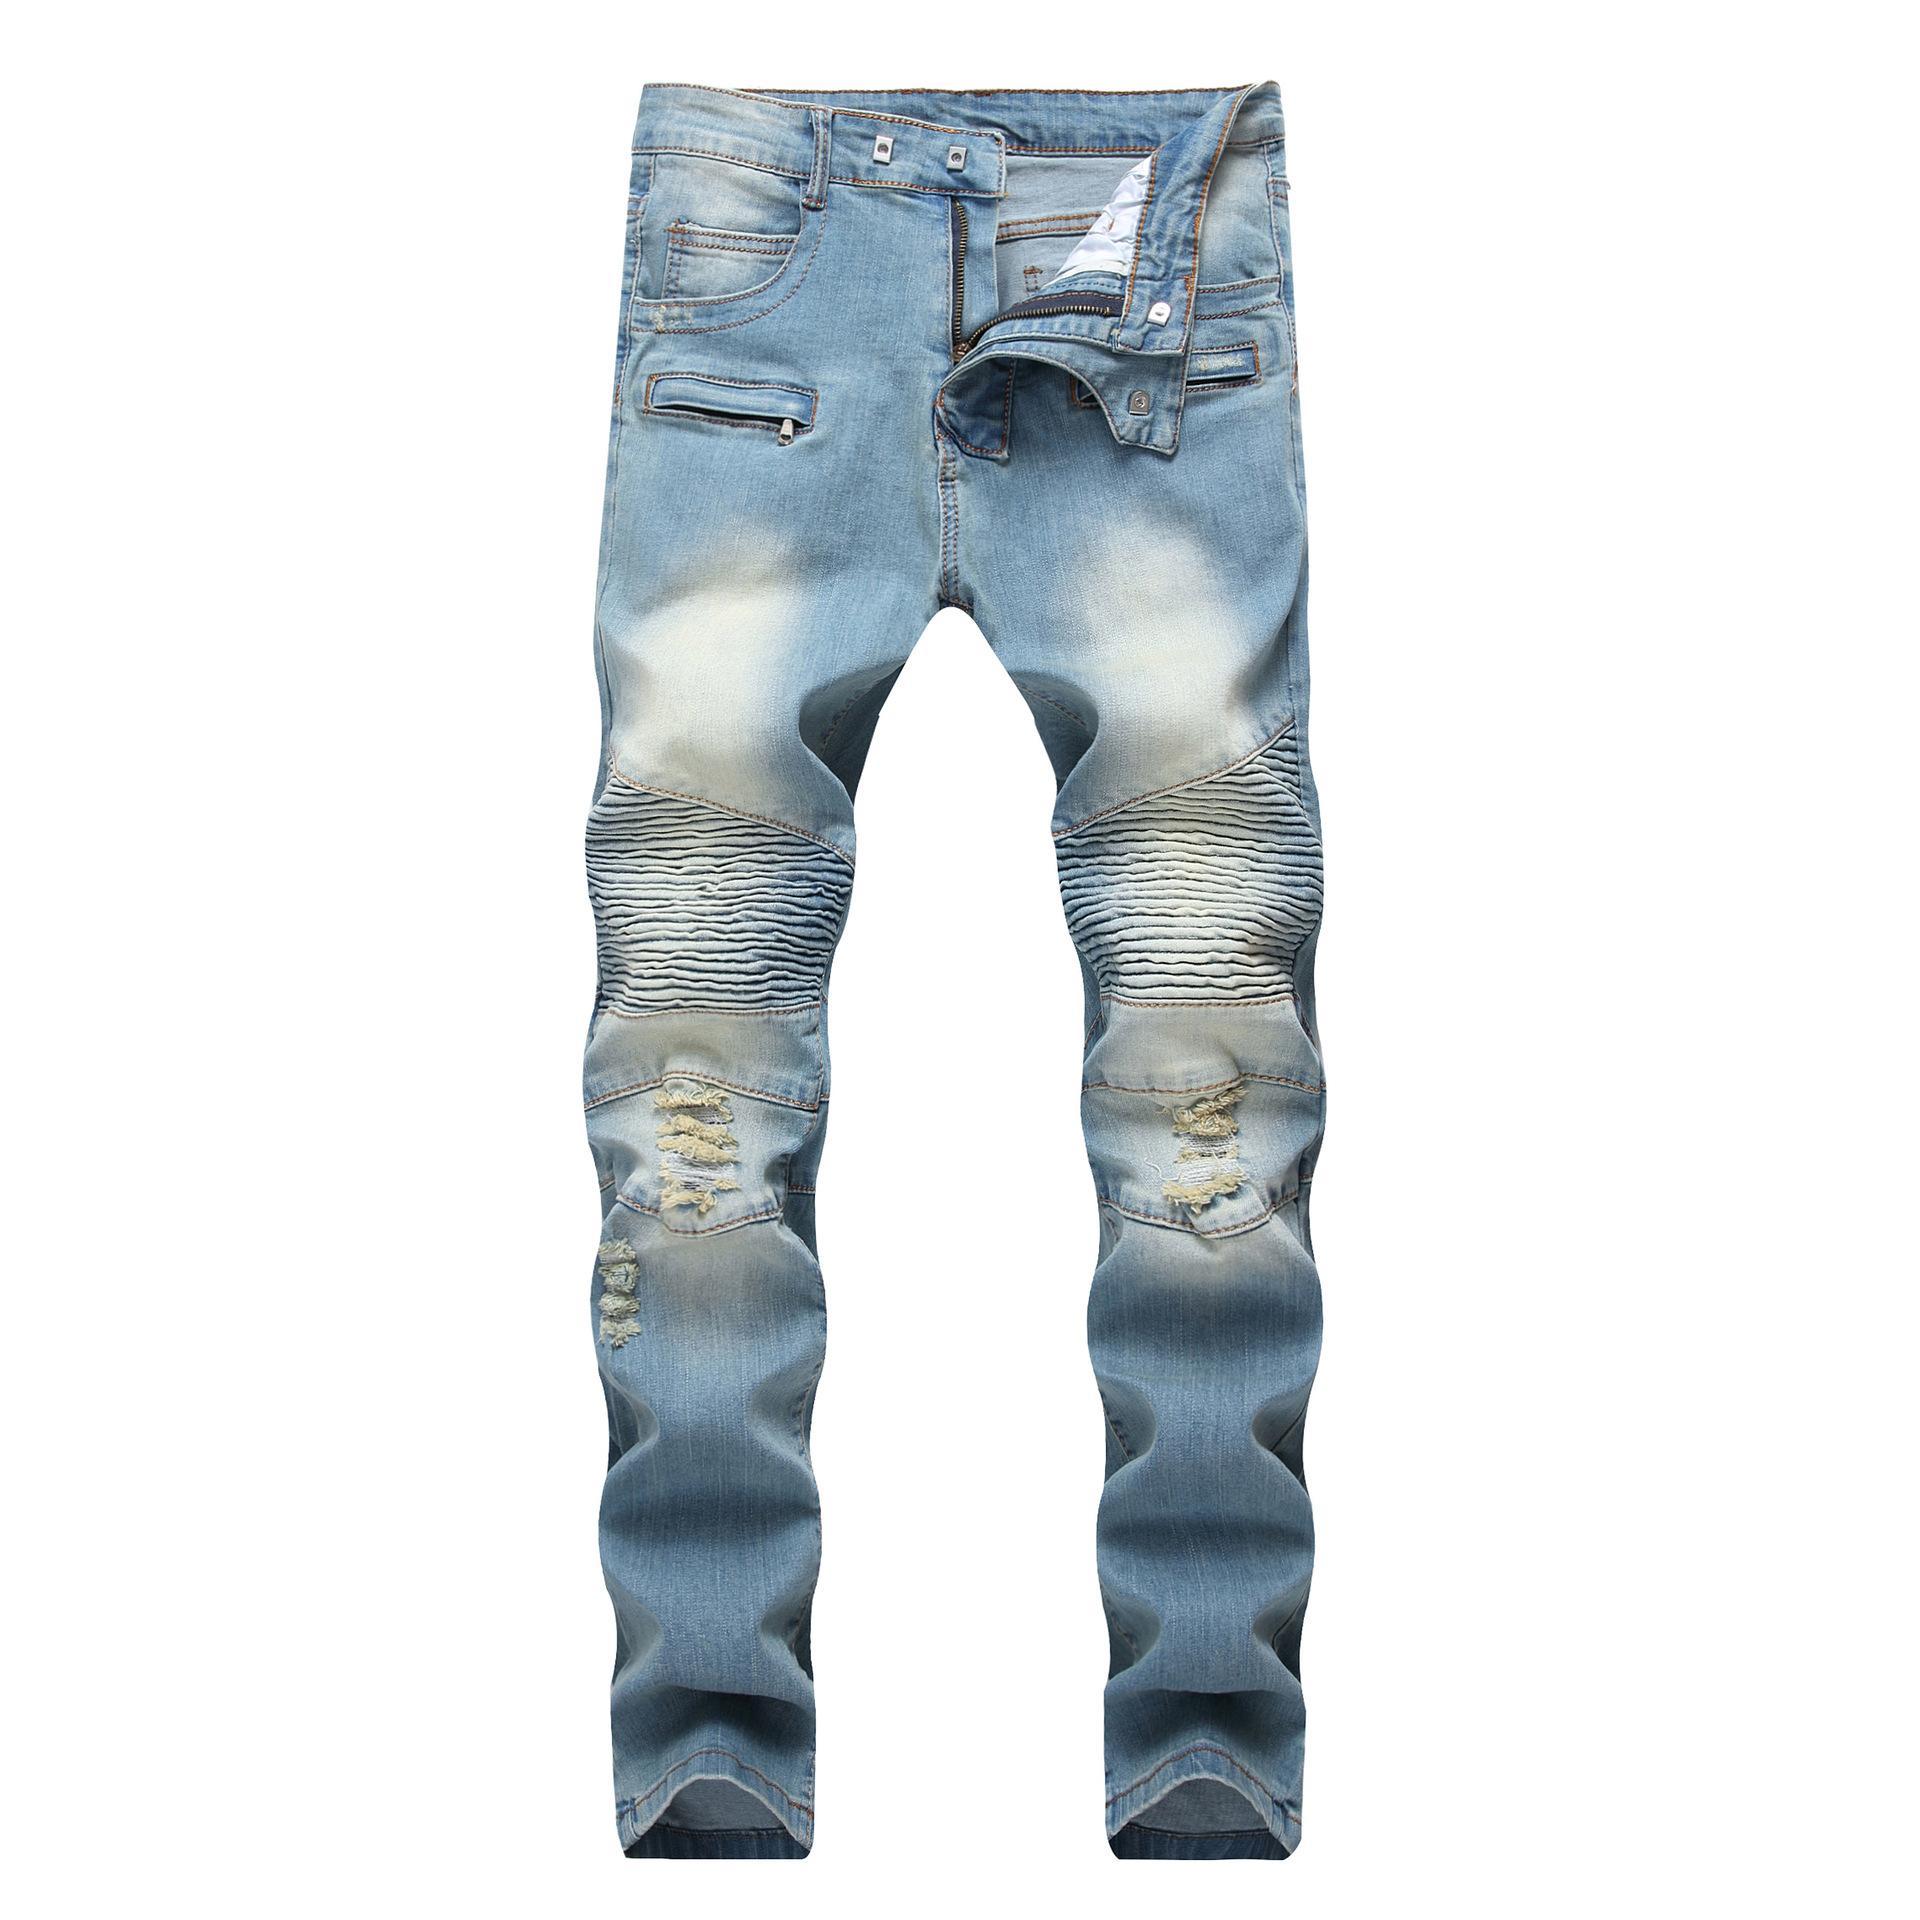 MarchWind Marque de mode Hip Hop Patch Hommes Retro Jeans genou Rap trou Zippé Biker Jeans Hommes en vrac Slim Détruits Torn Jeans Homme Ripped